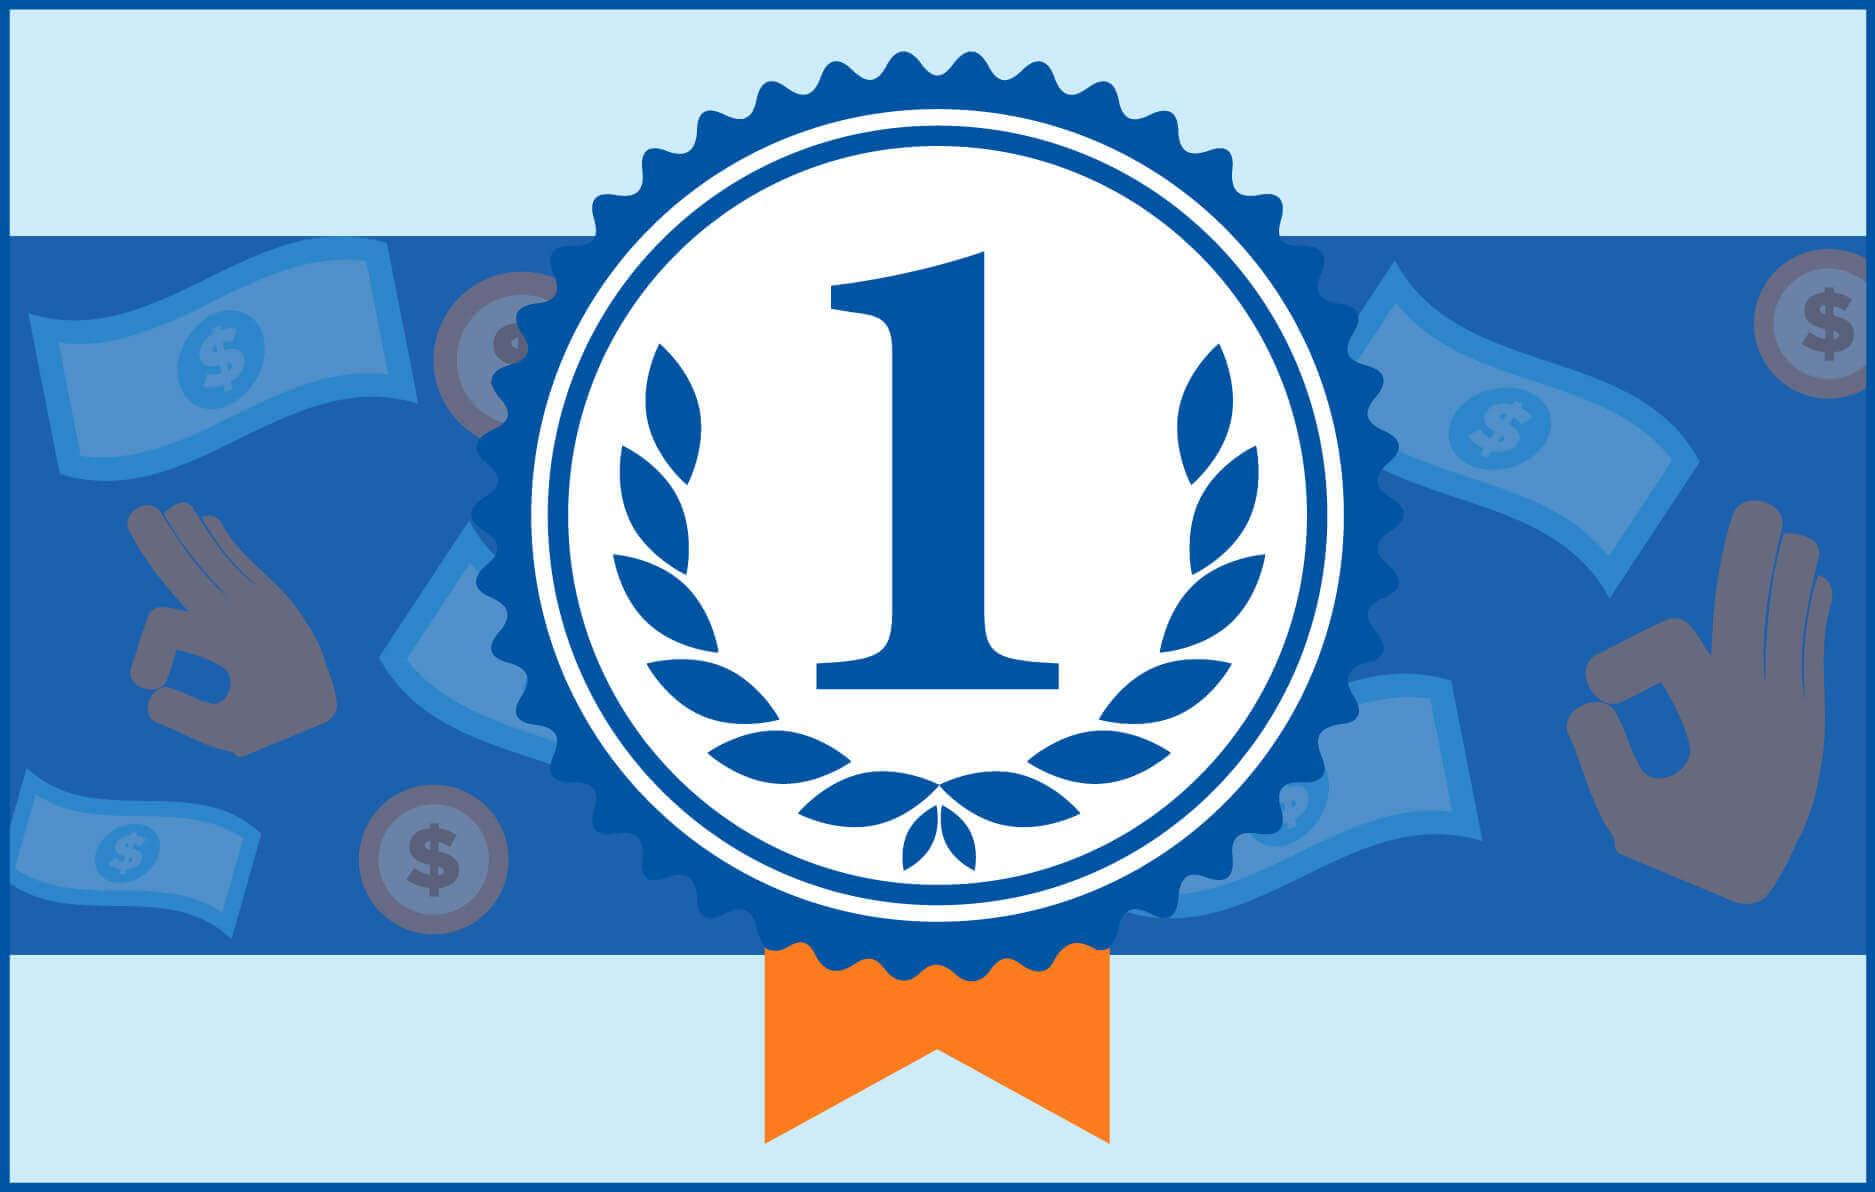 Credissimo со клиентска услуга број 1 во небанкарскиот финансиски сектор